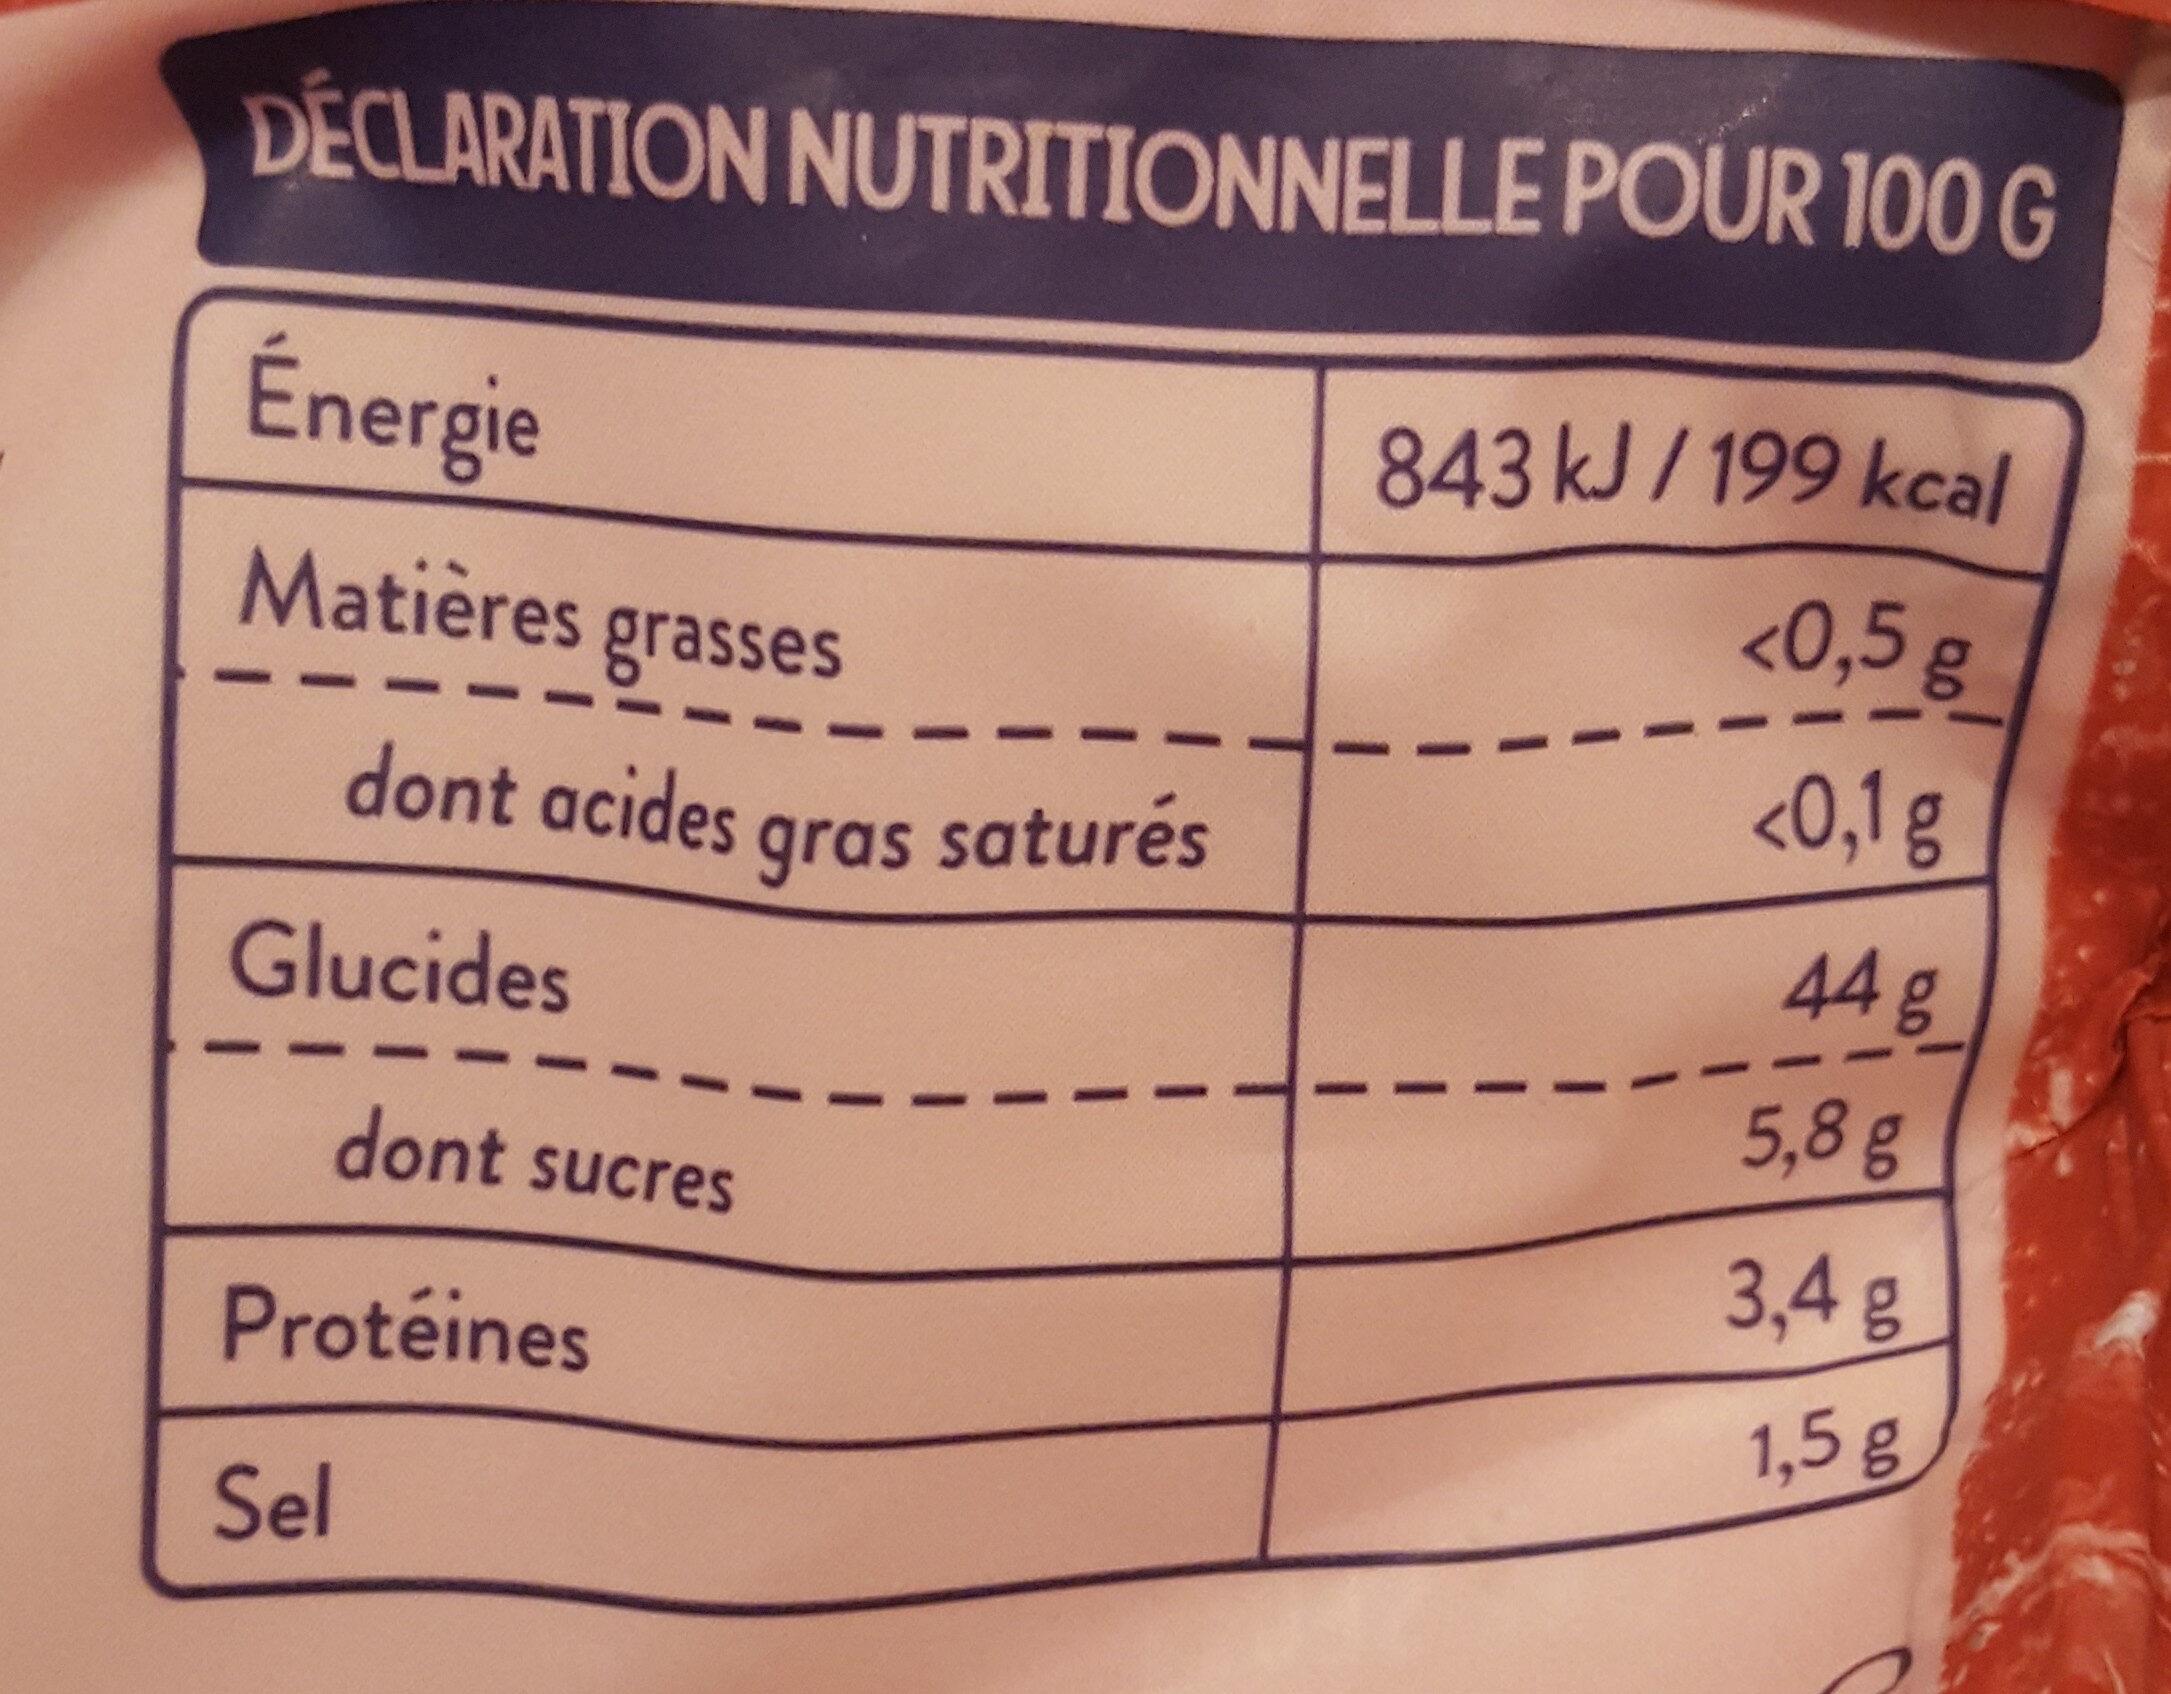 Gnocchi a  poêler - Nutrition facts - fr